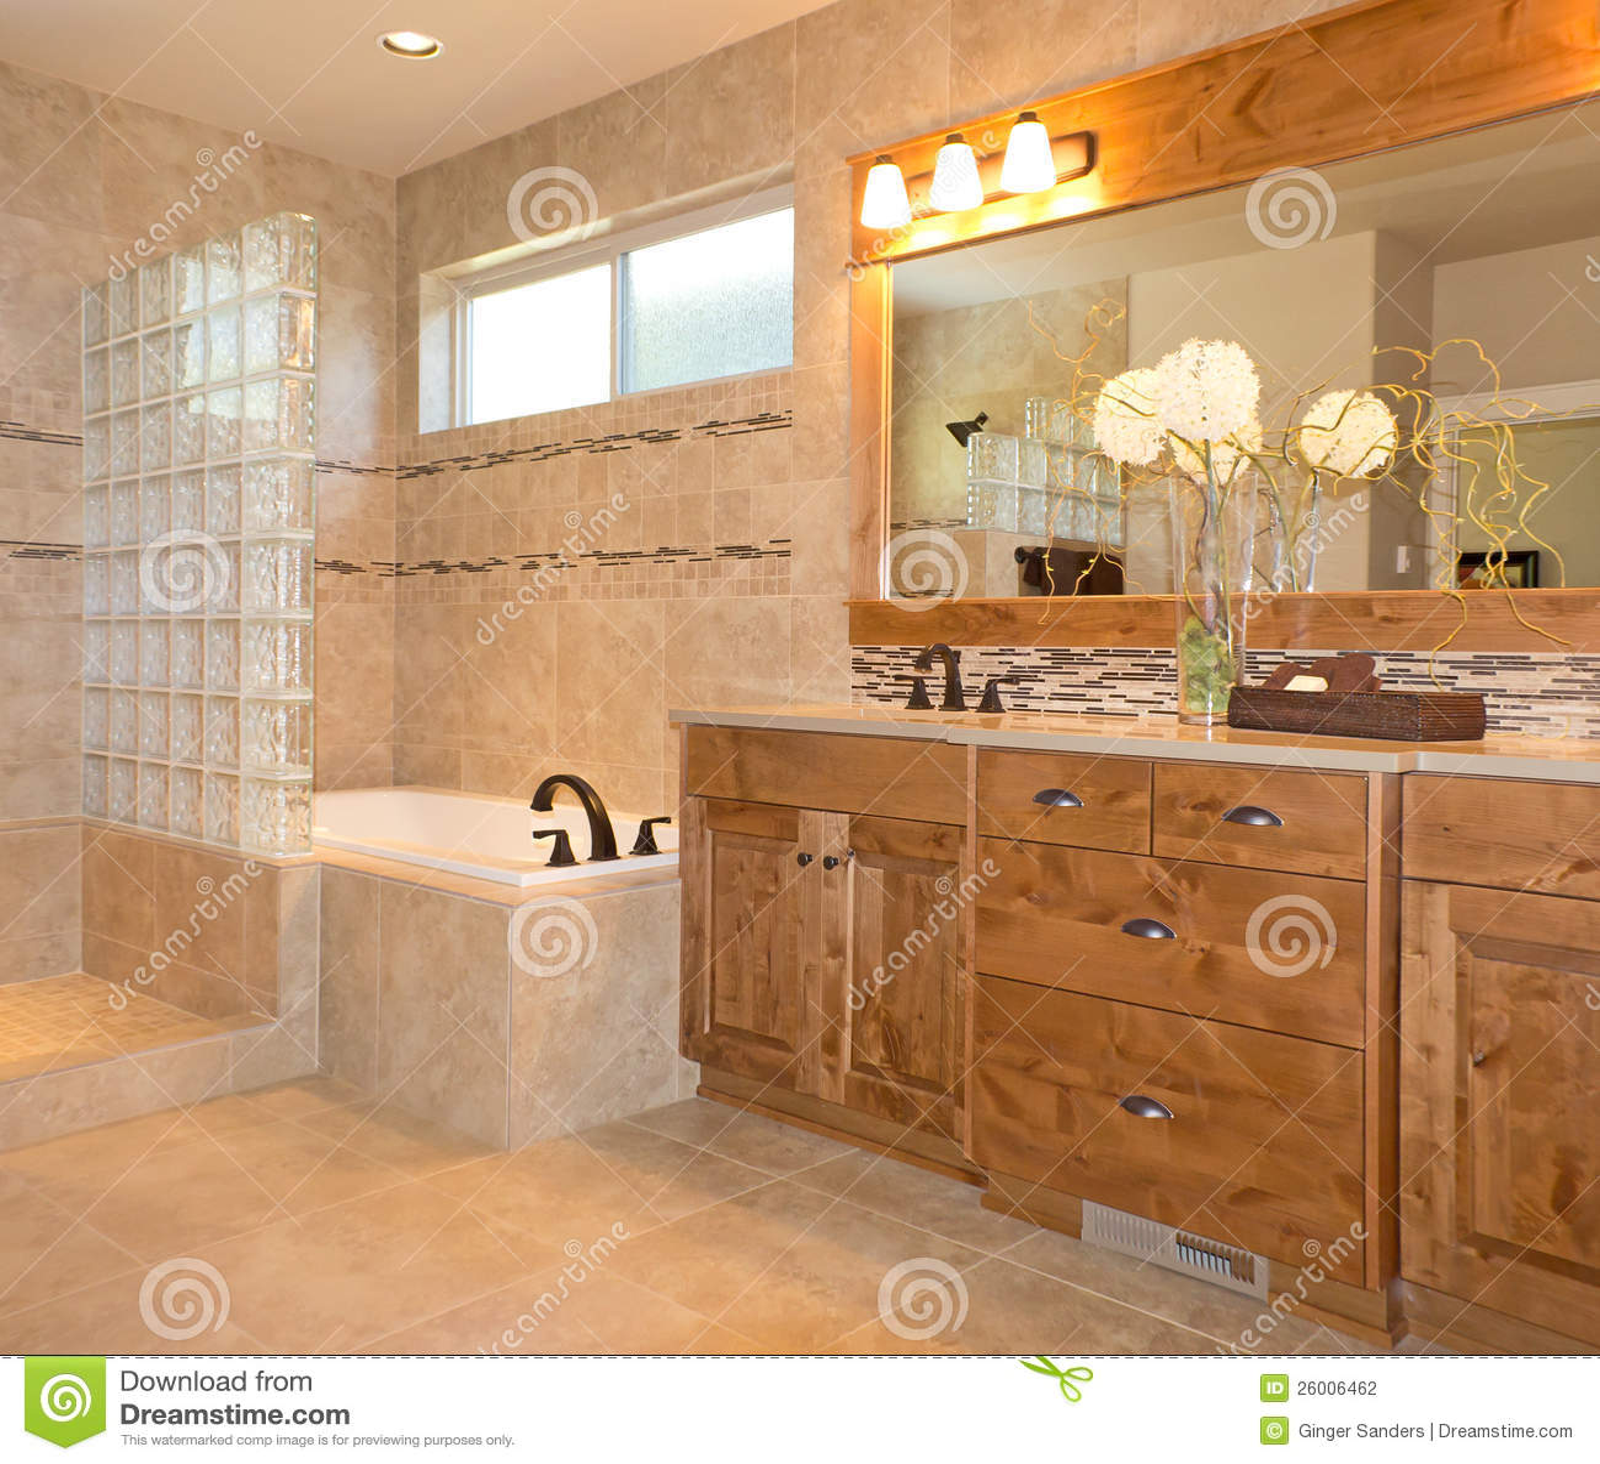 salle de bains de luxe de tuile en beige et or photo stock image du glace propre 26006462. Black Bedroom Furniture Sets. Home Design Ideas